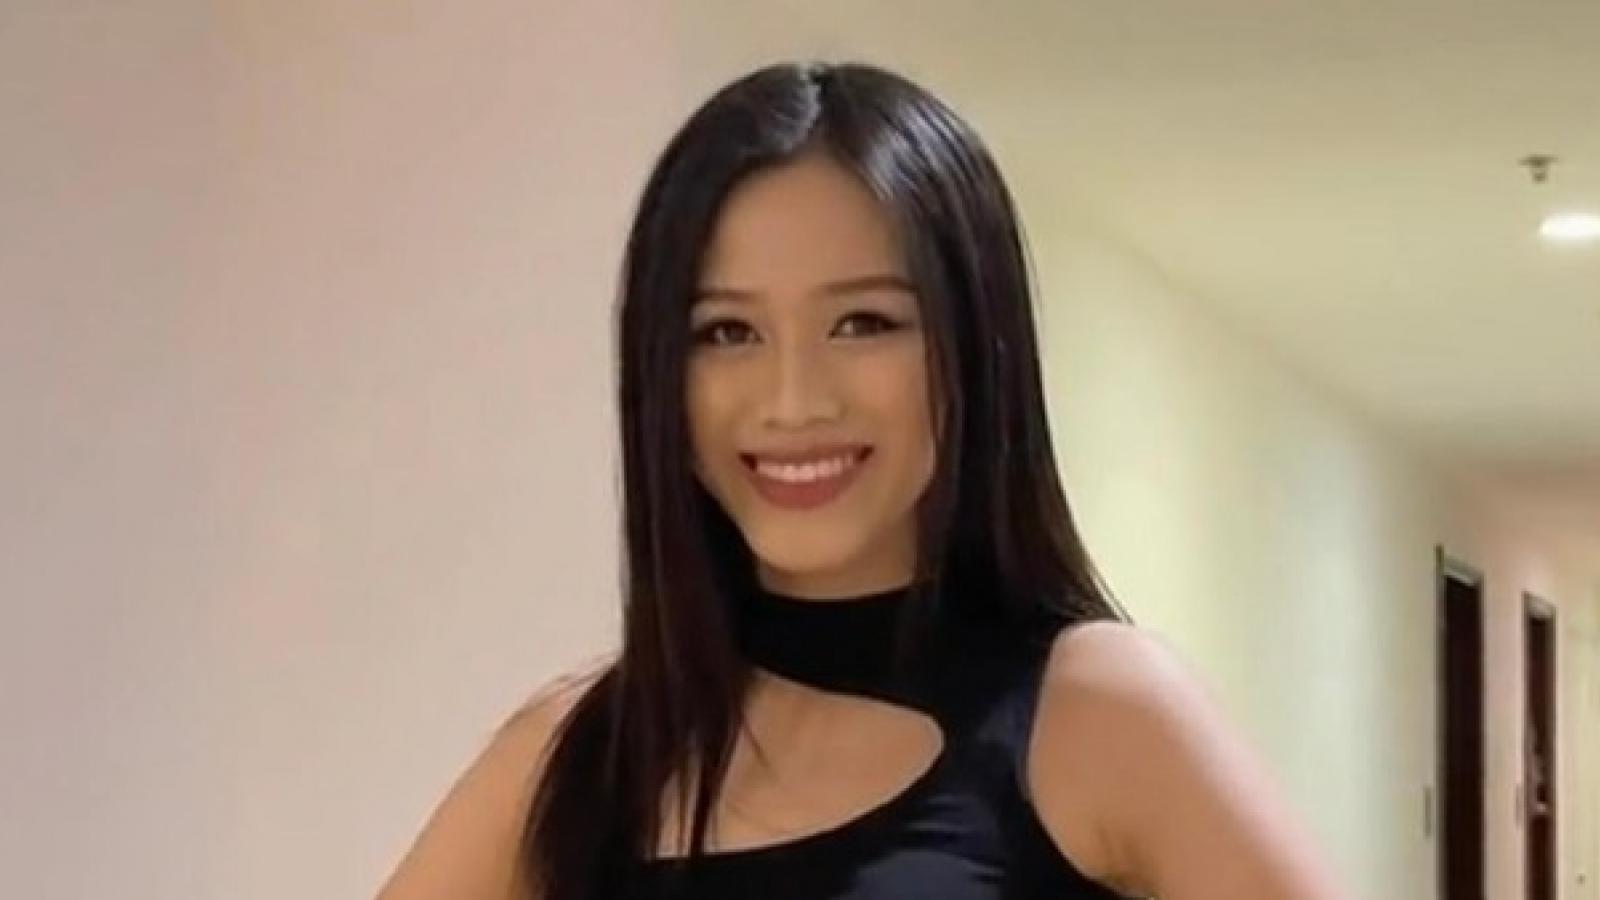 Hoa hậu Đỗ Thị Hà tập luyện catwalk ở hành lang chung cư để chuẩn bị cho Miss World 2021